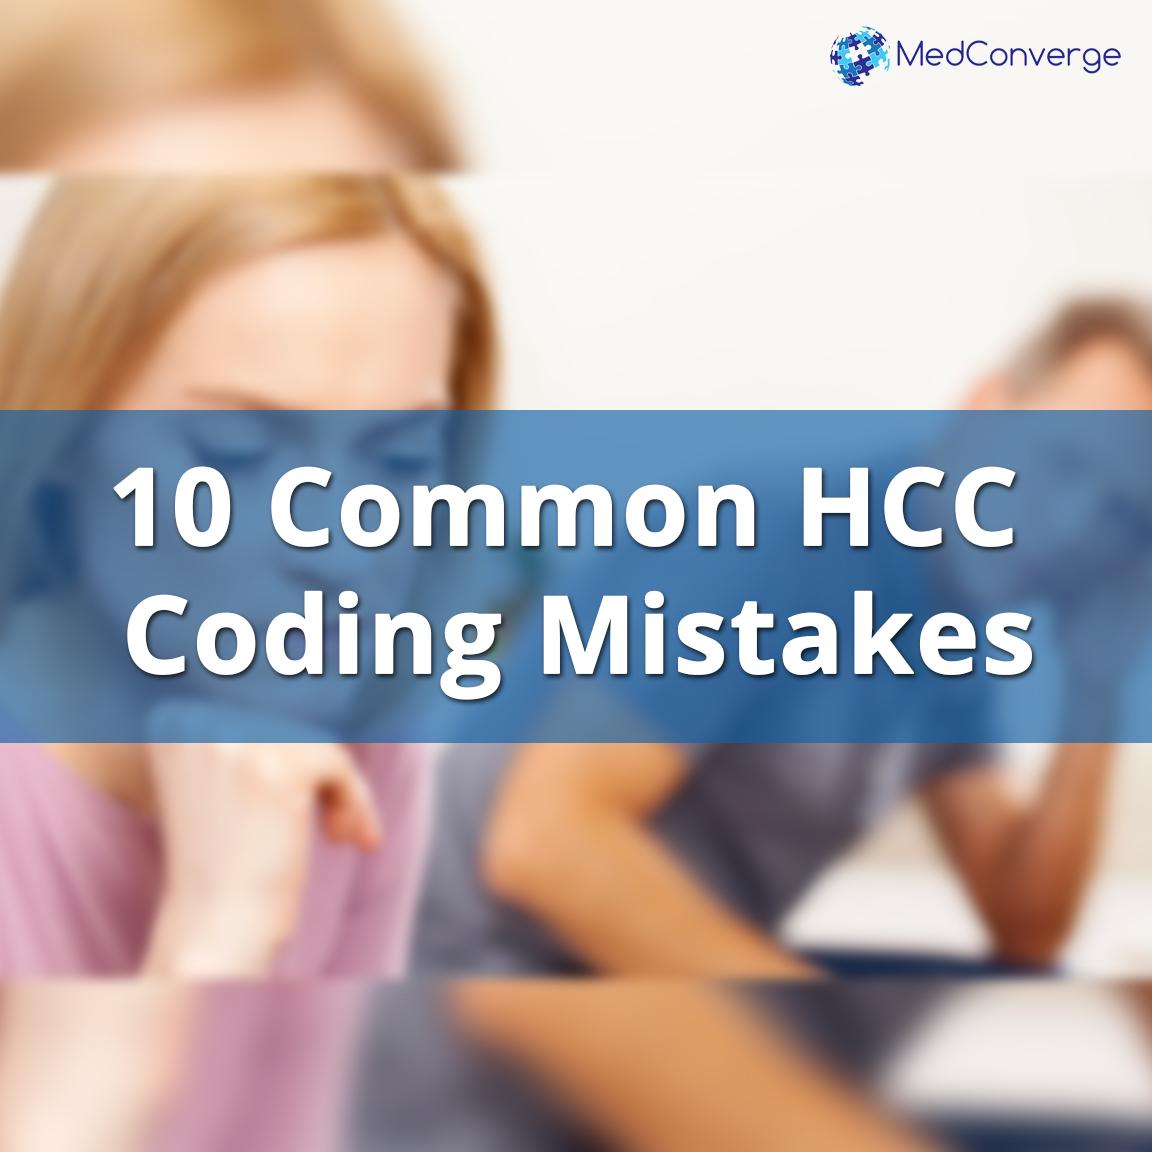 Hcc Coding Mistakes